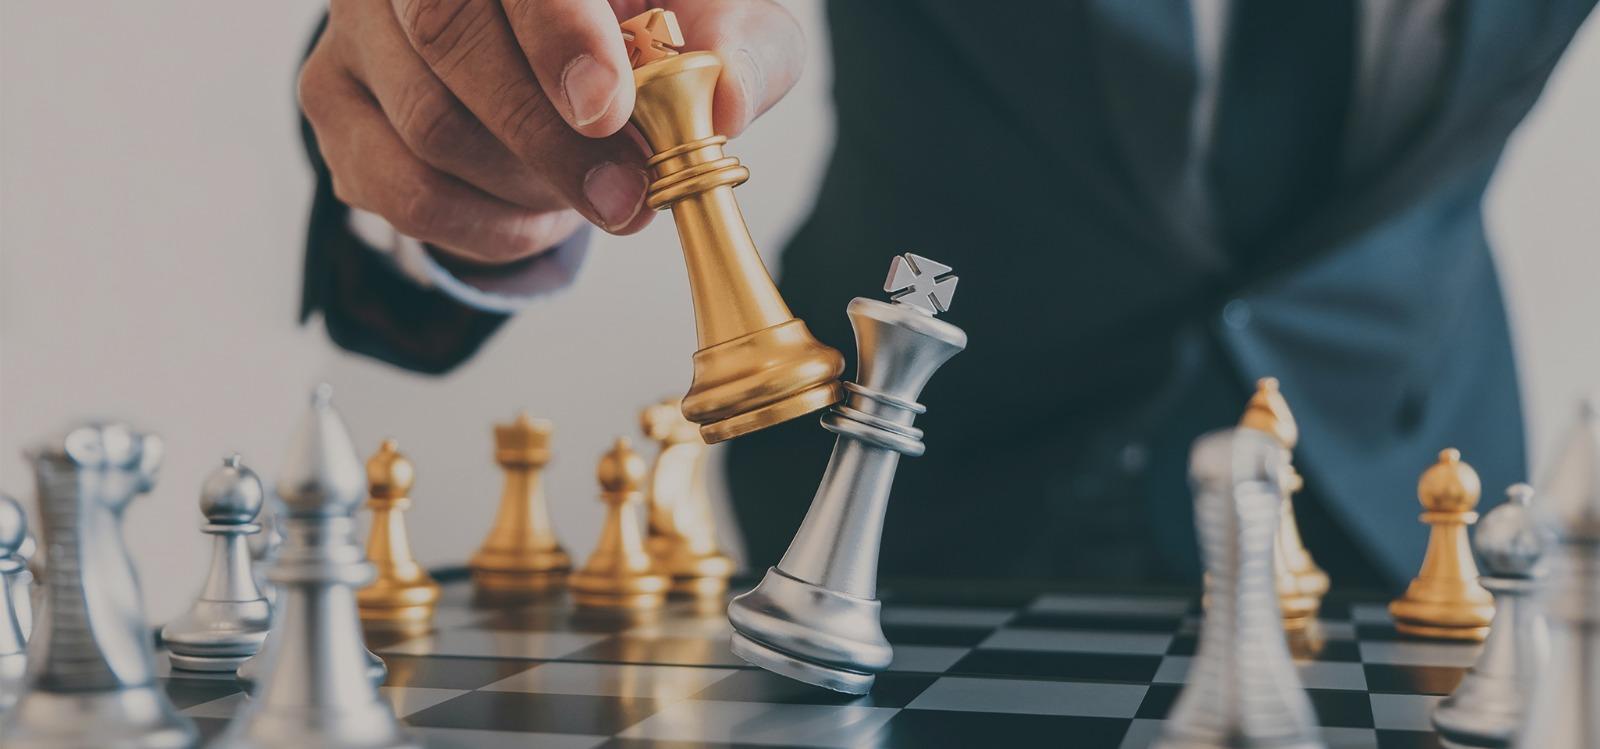 אסטרטגיה משפטית- ר.א. גמליאל ושות', עורכי-דין